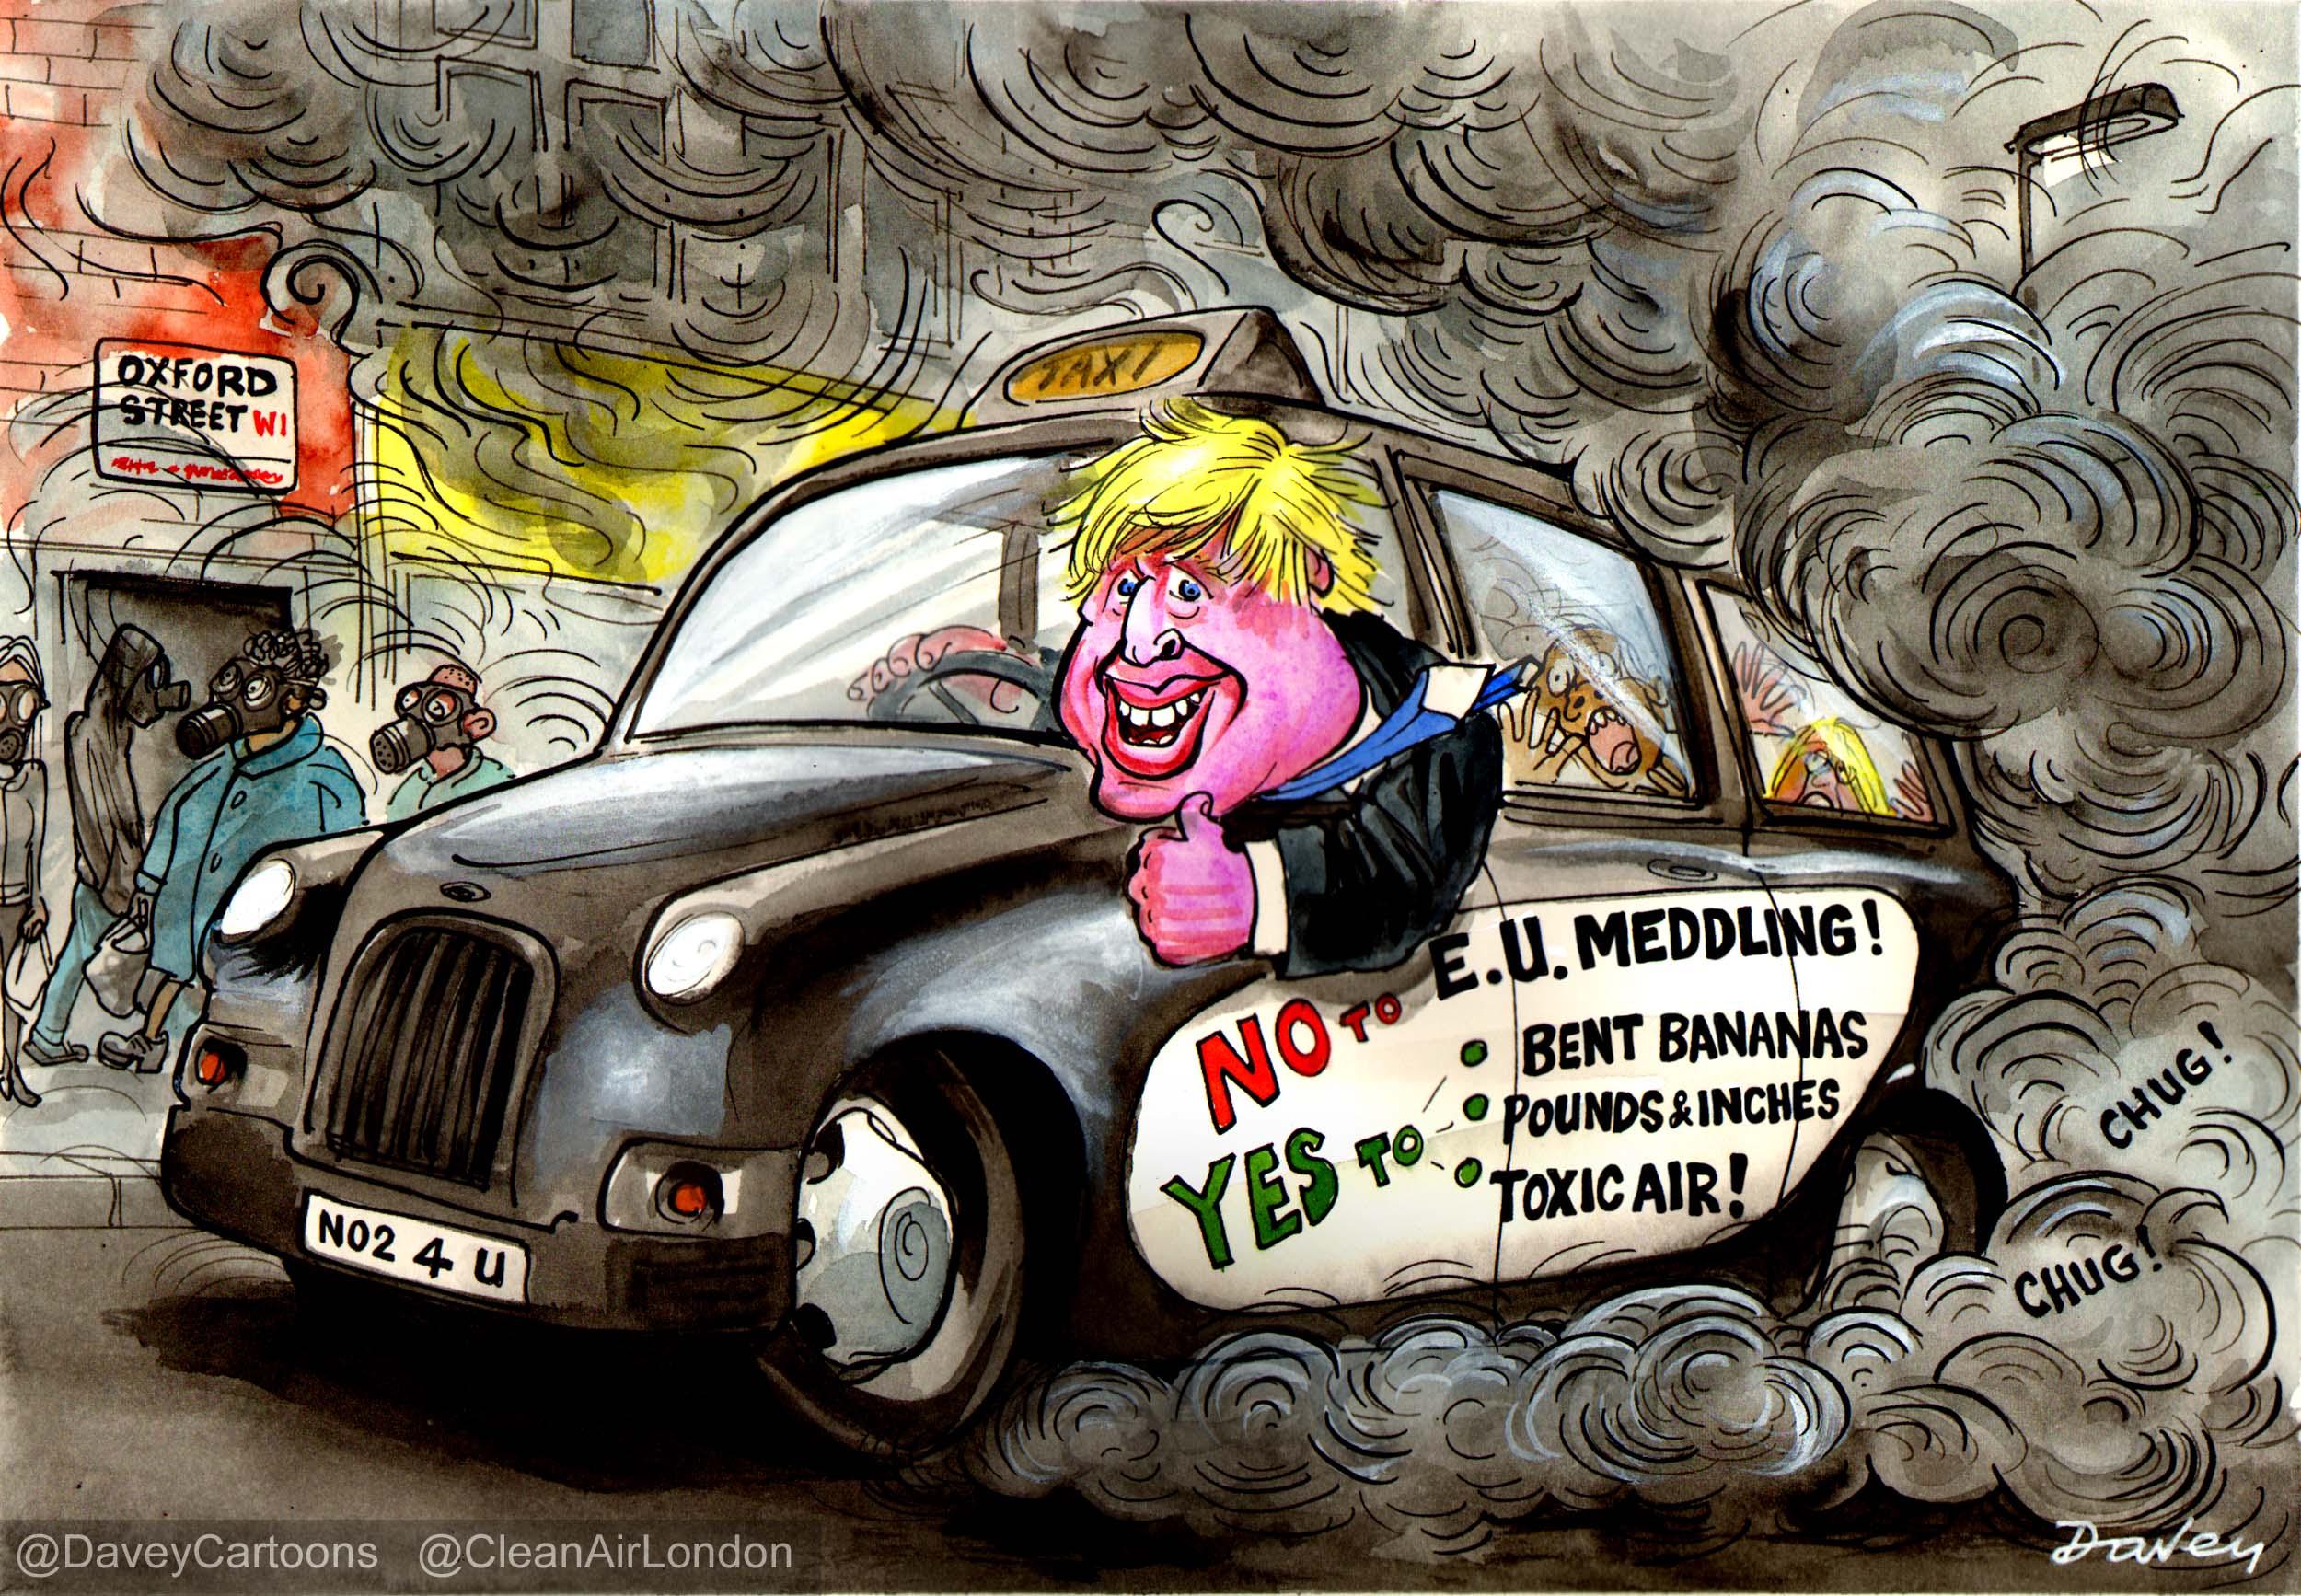 1_No to EU meddling_200214